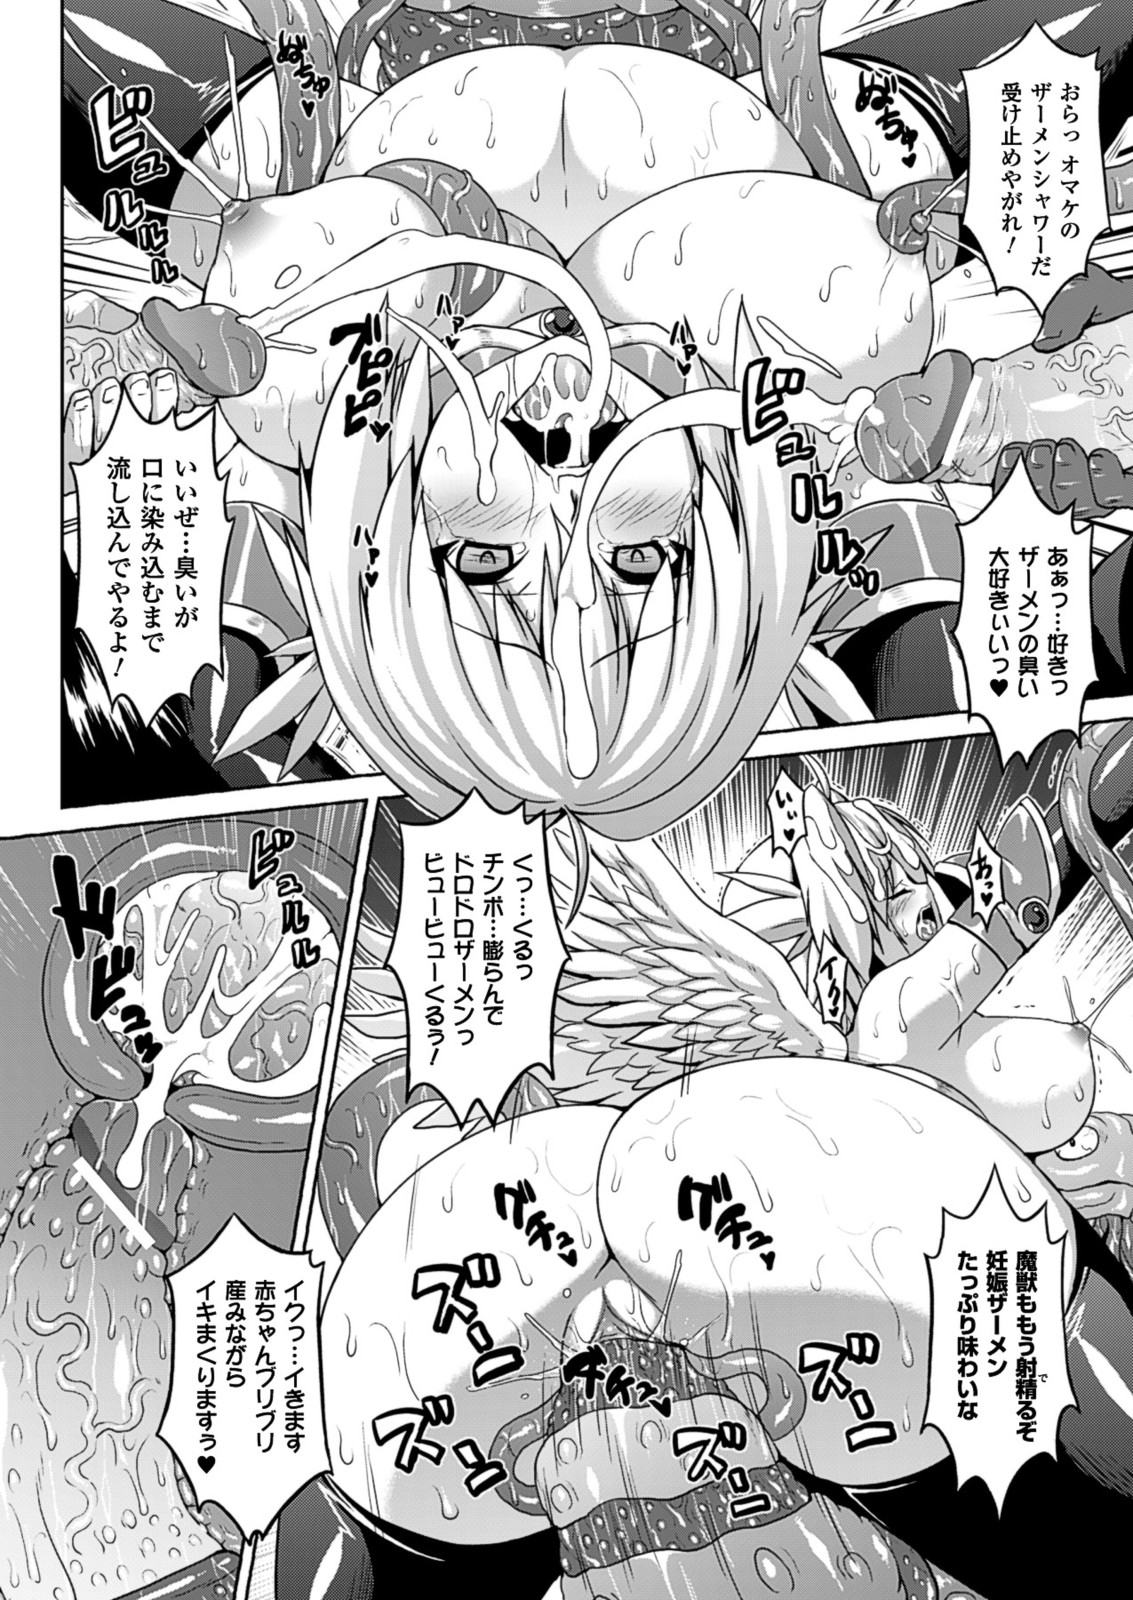 【エロ漫画】清らかな天使に変身して悪魔と戦う少女…触手に拘束され悪魔の卵をマンコに産み付けられてしまうwww【ソメジマ:エンジェル☆ボディ】